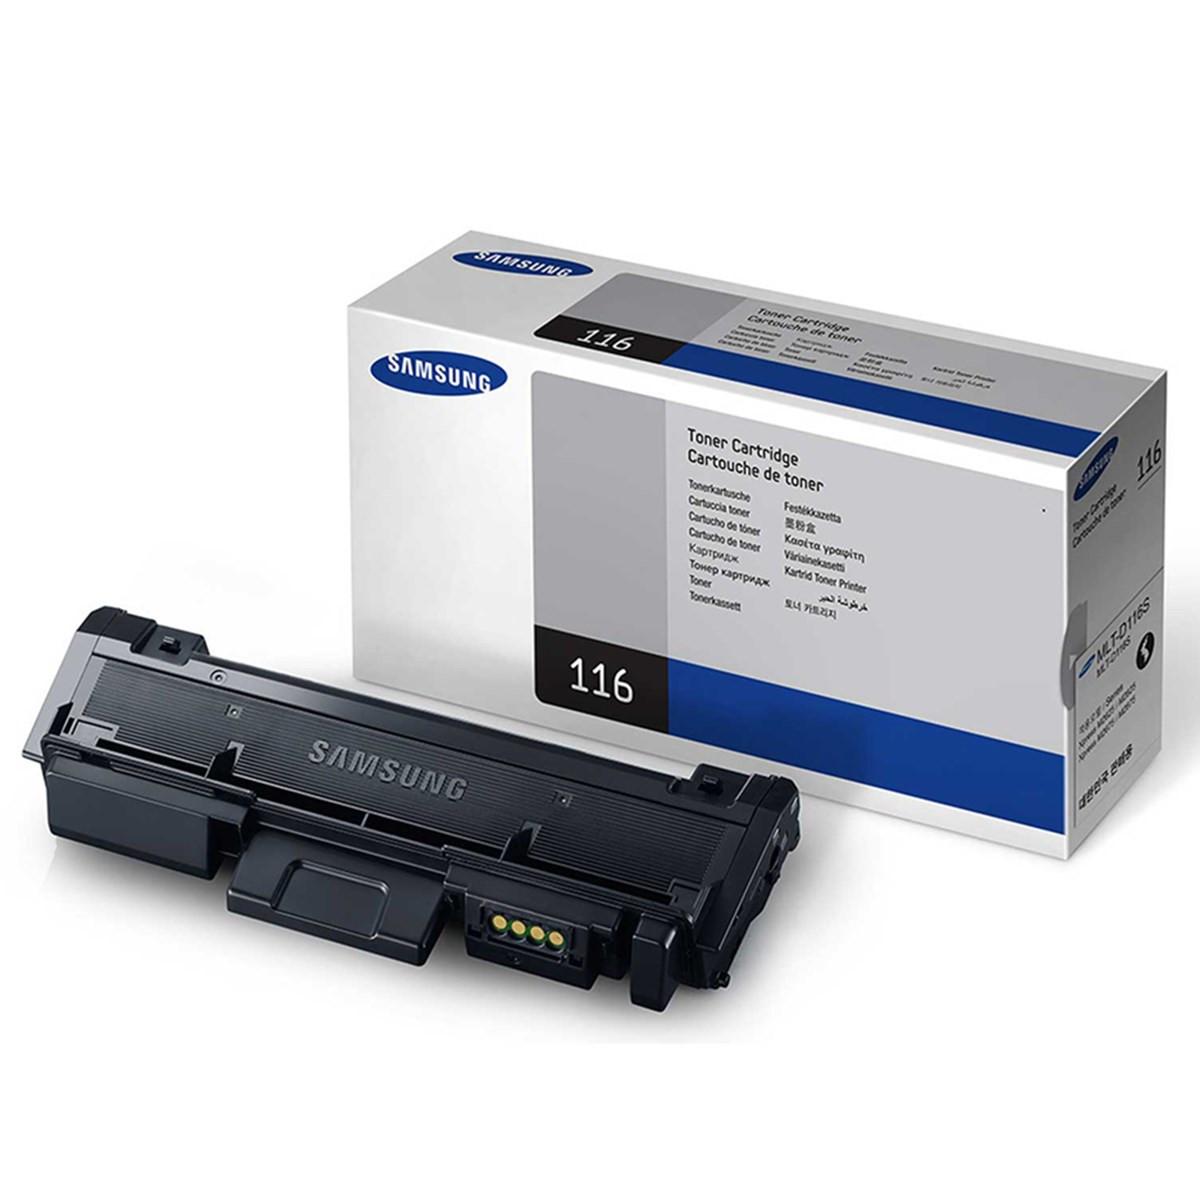 Toner Samsung MLT-D116S D116 116S | SL-M2885FW SL-M2835DW SL-M2825ND SL-M2875FD | Original 1.2k